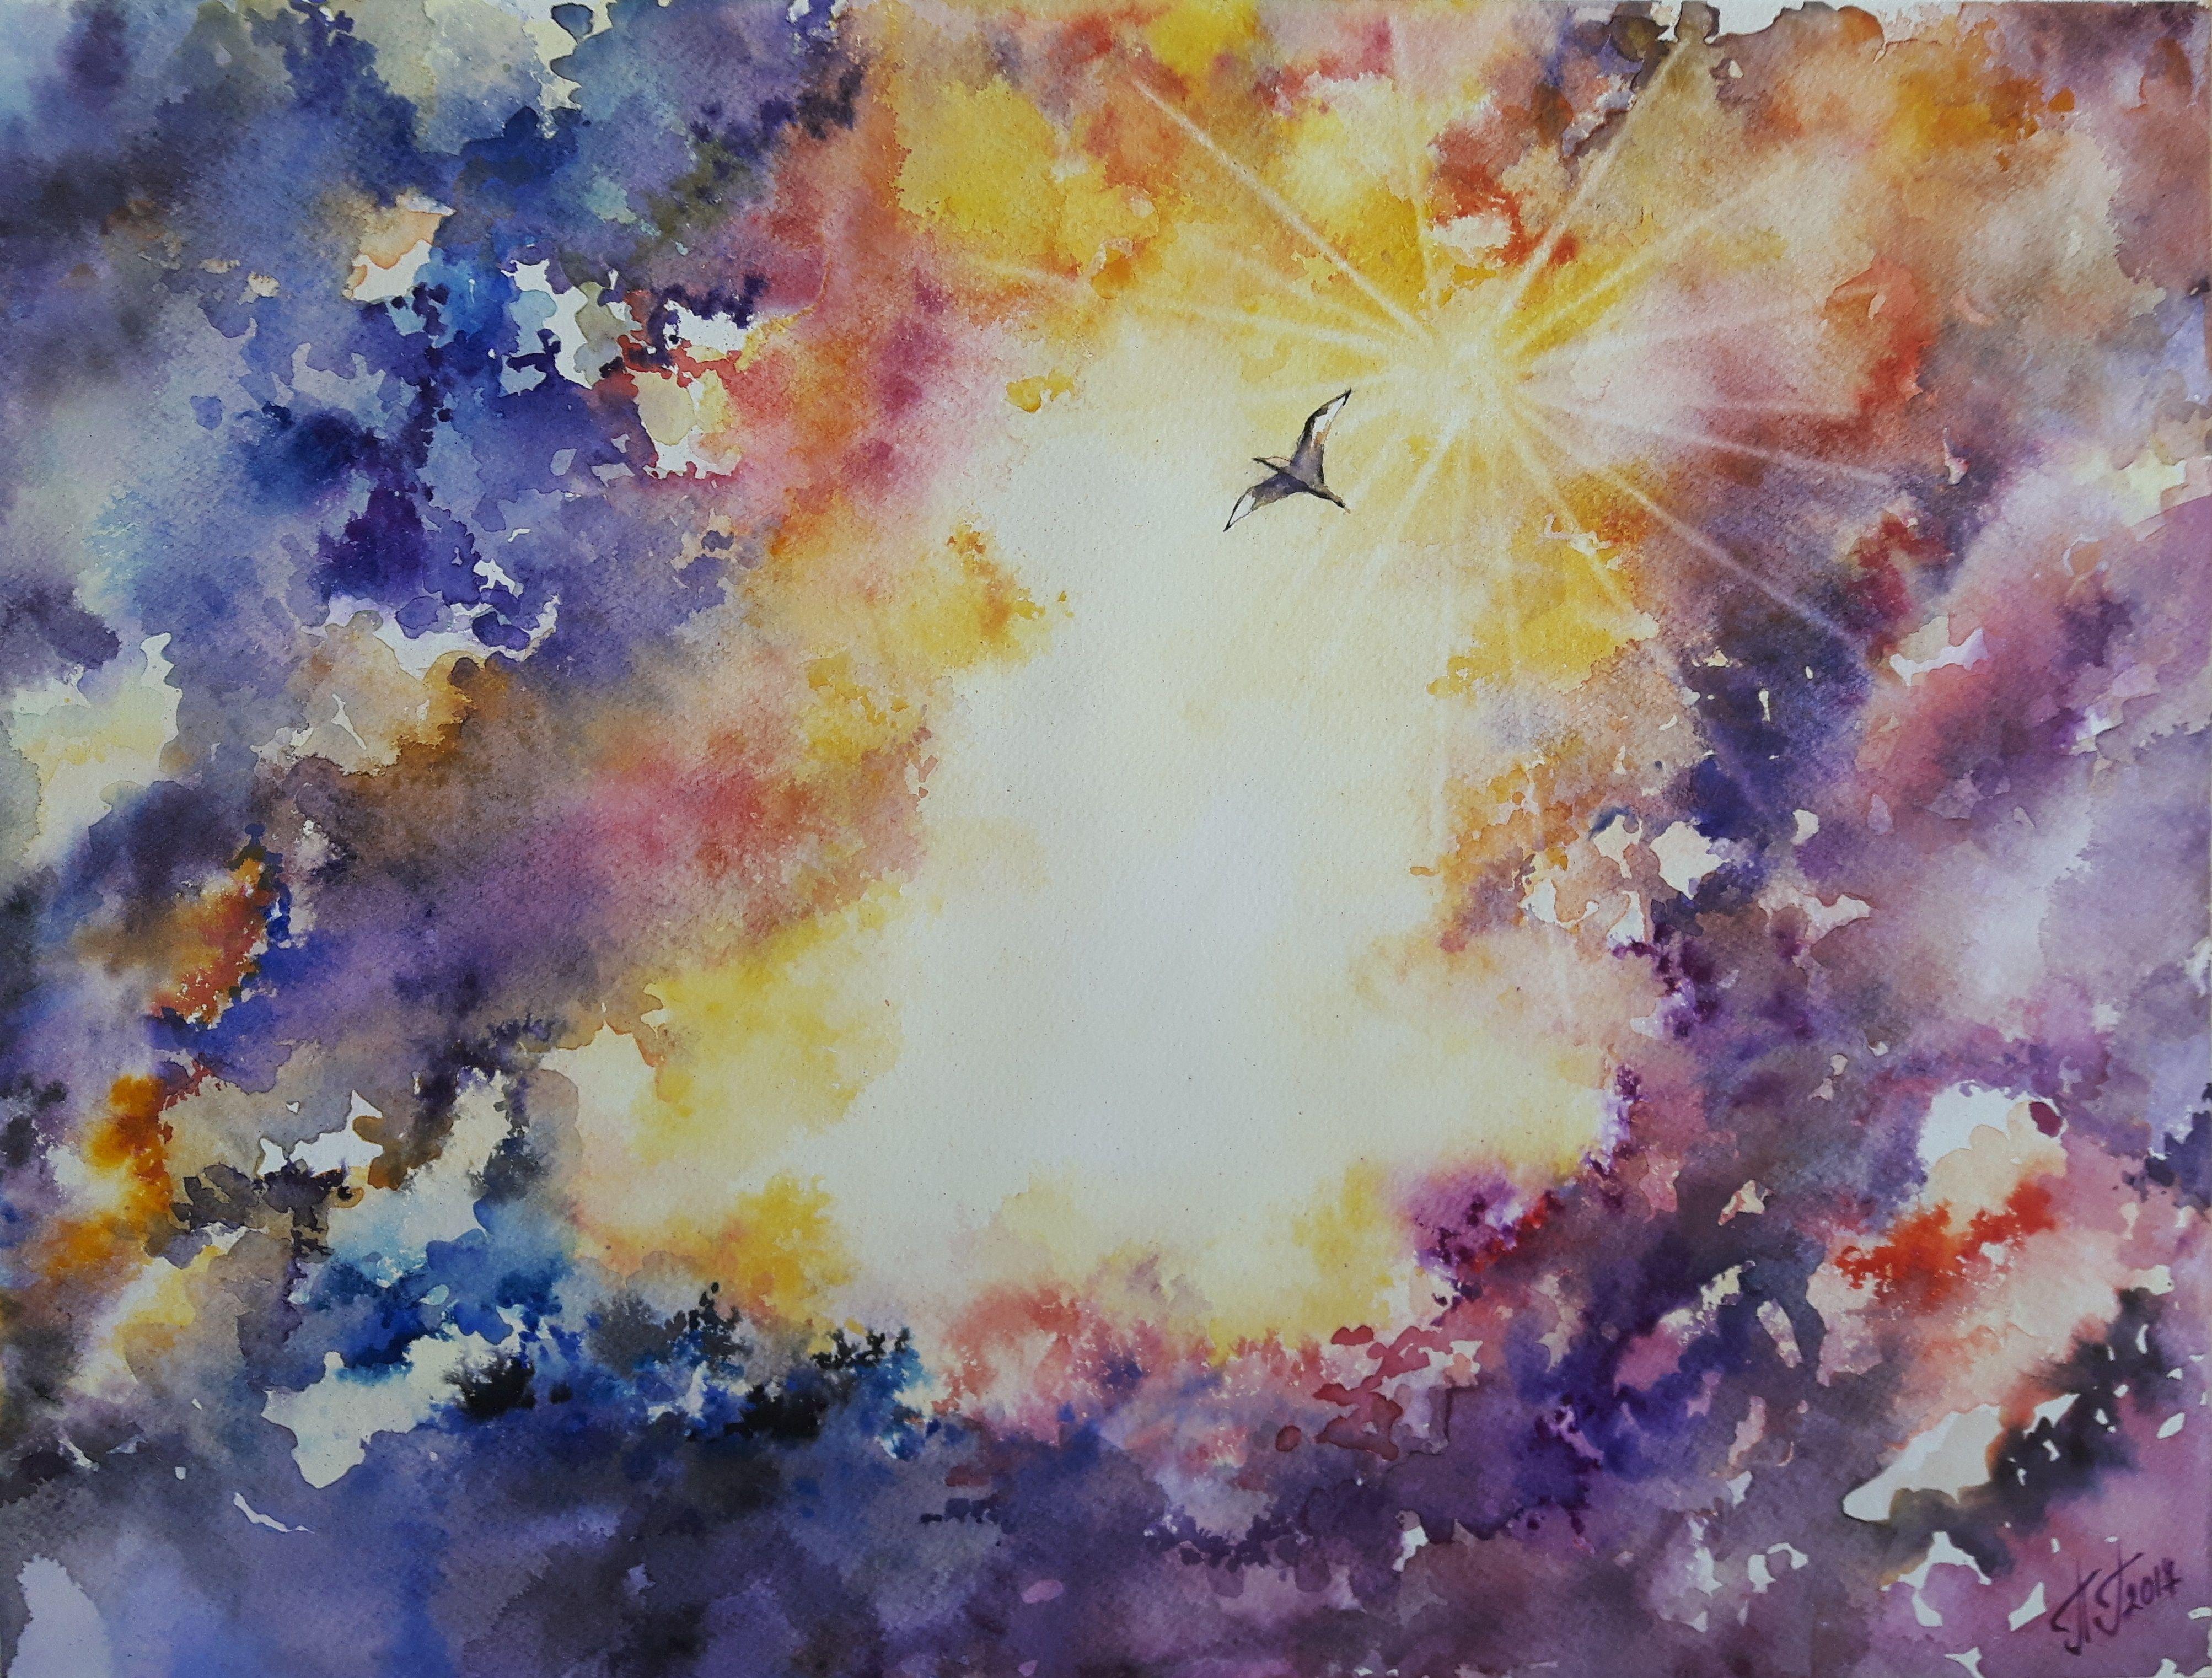 Original Watercolor Painting Titled Universe 43 Cm X 33 Cm